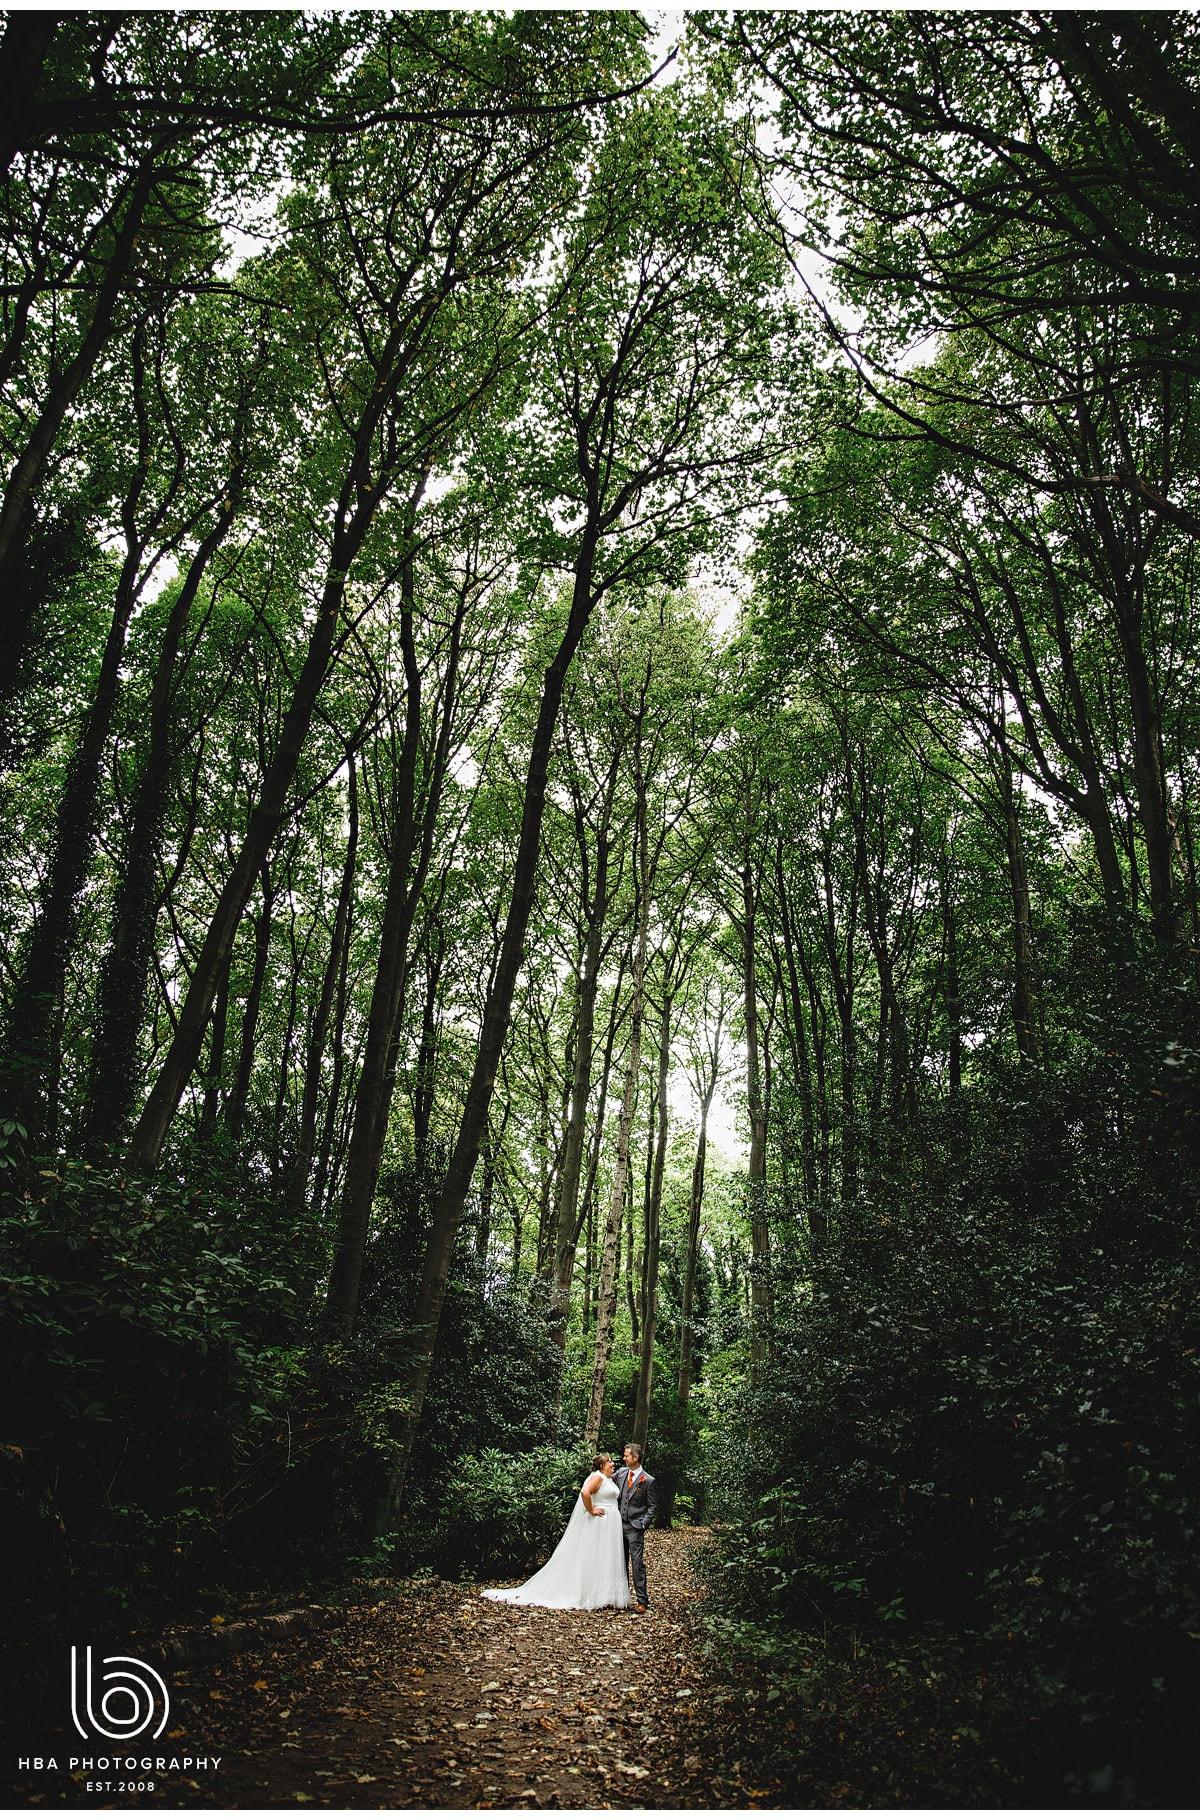 the bride & groom walking in the woods